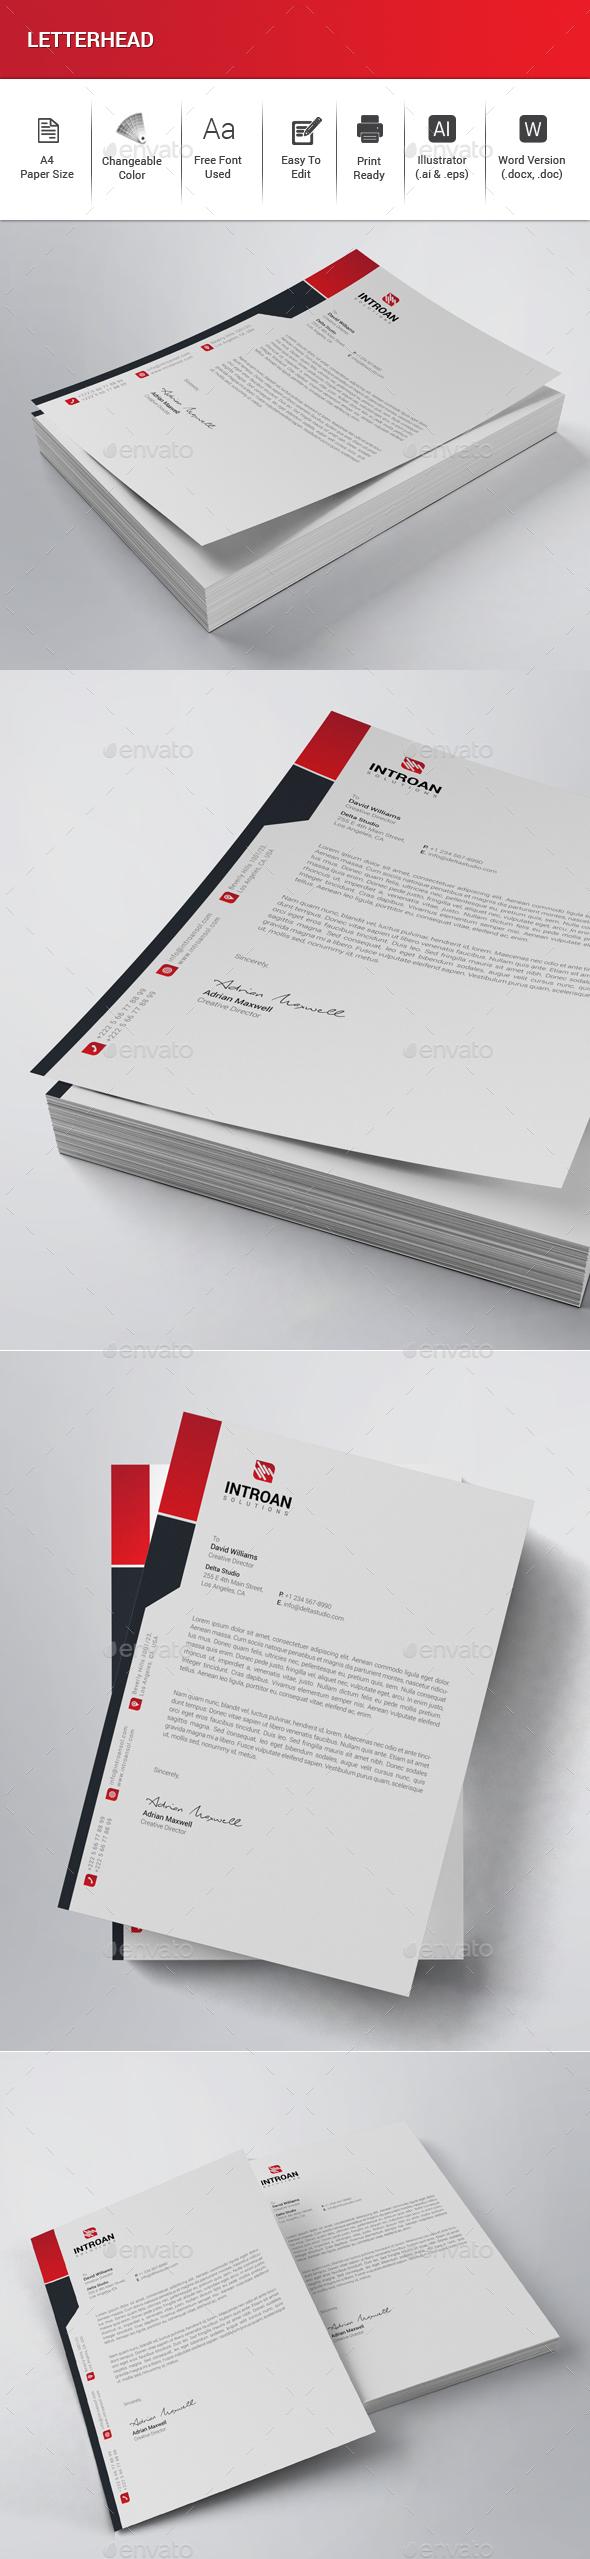 GraphicRiver Letterhead 21042045